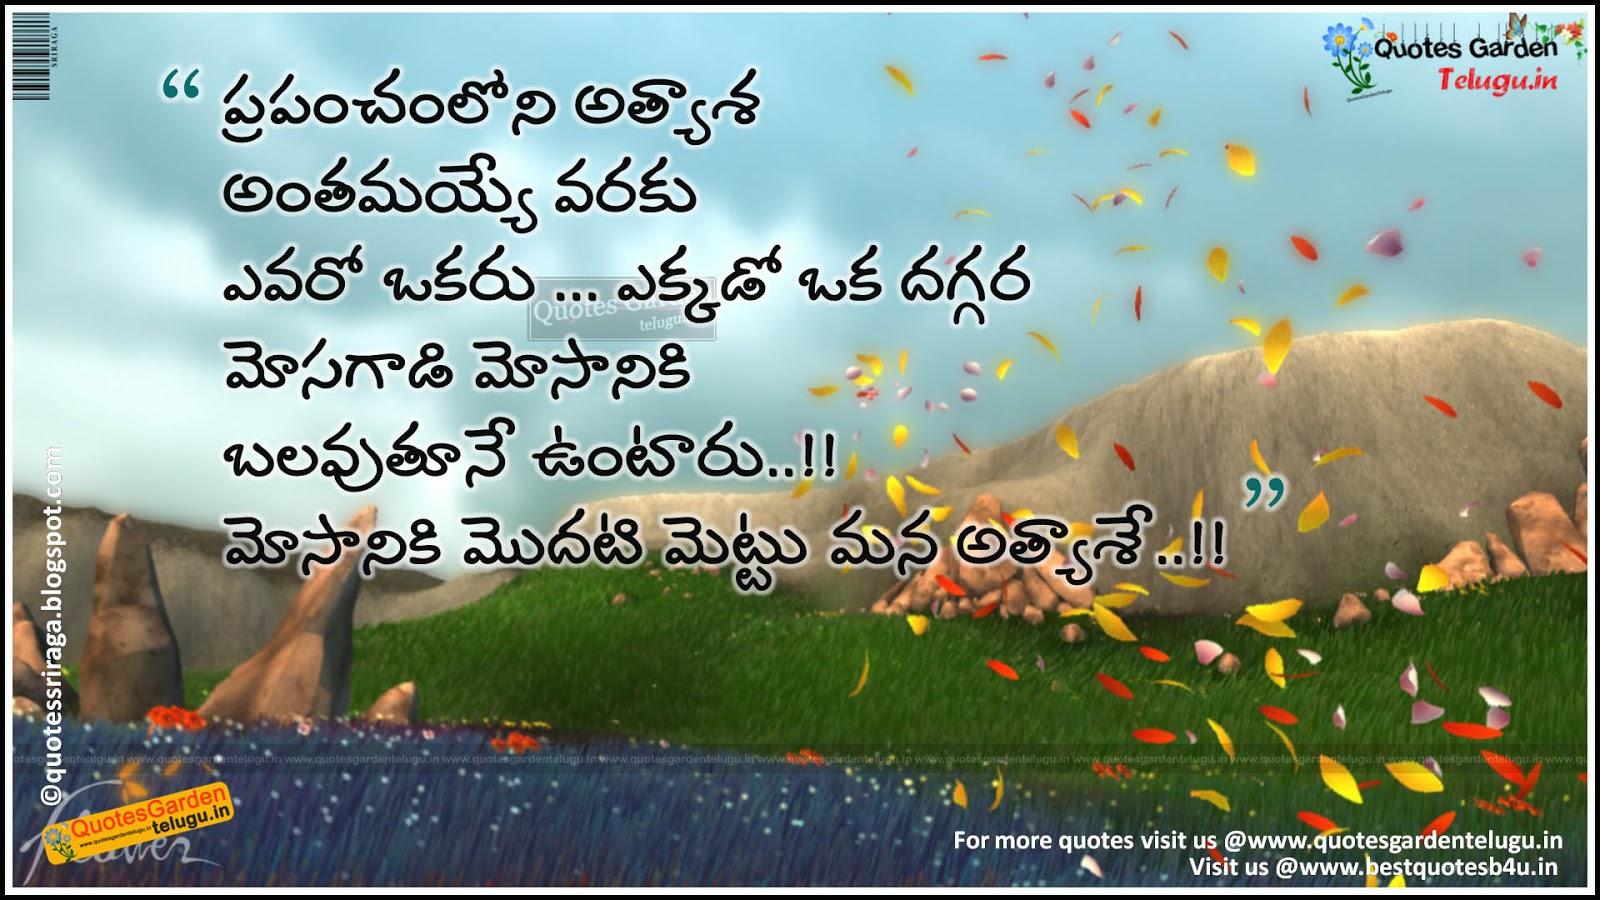 Telugu Cheating Quotes Quotes Garden Telugu Telugu Quotes